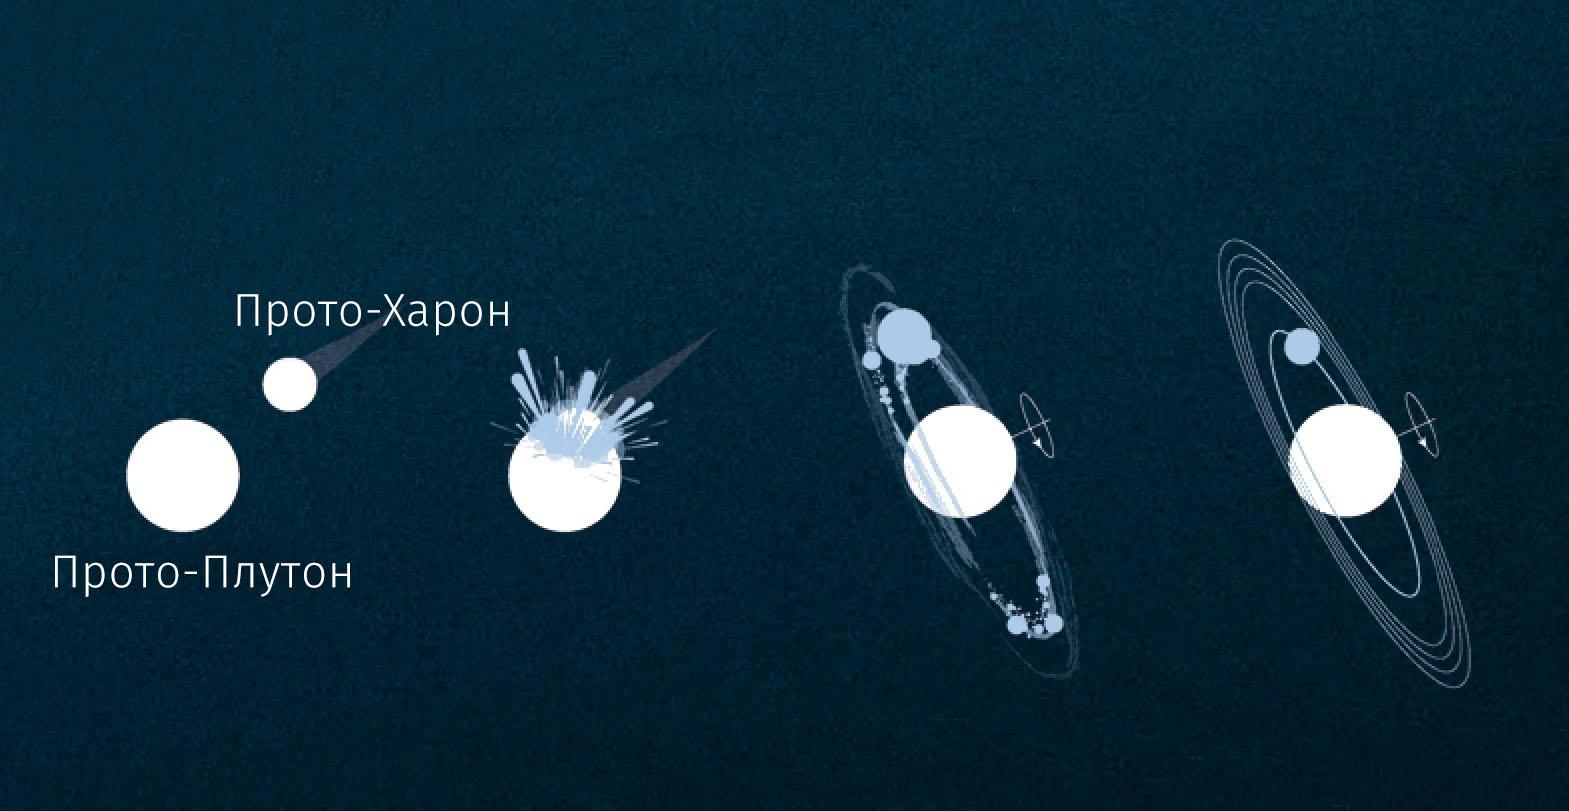 ua10-doslidzhujemo-sonjachnu-systemu_05